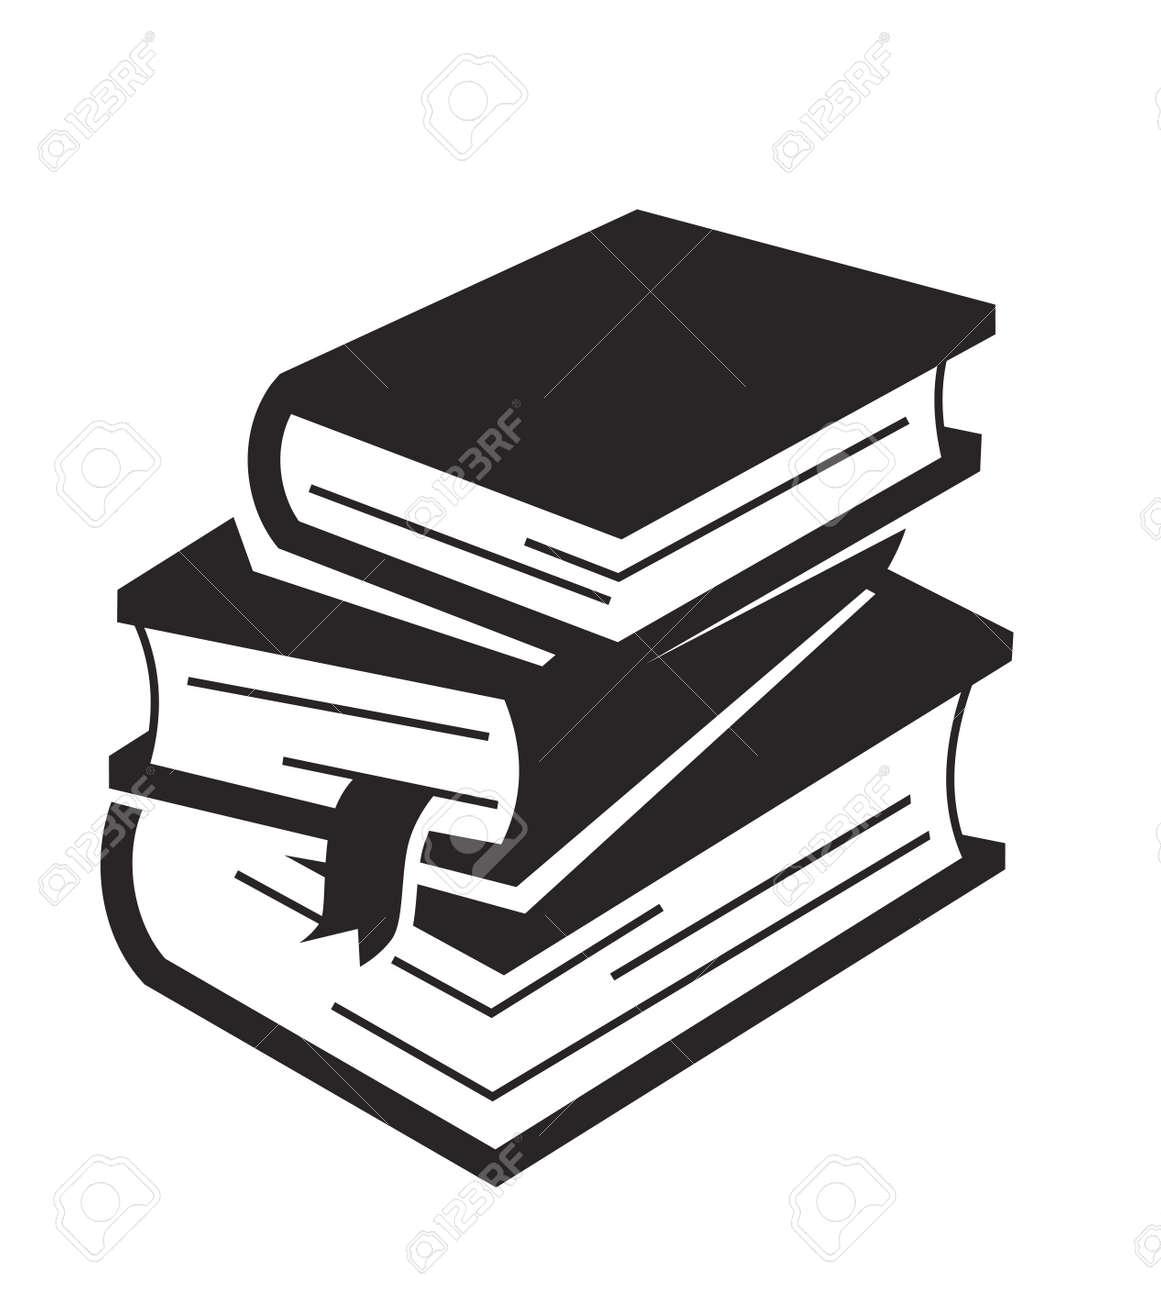 Vecteur Icone Du Livre Noir Sur Fond Blanc